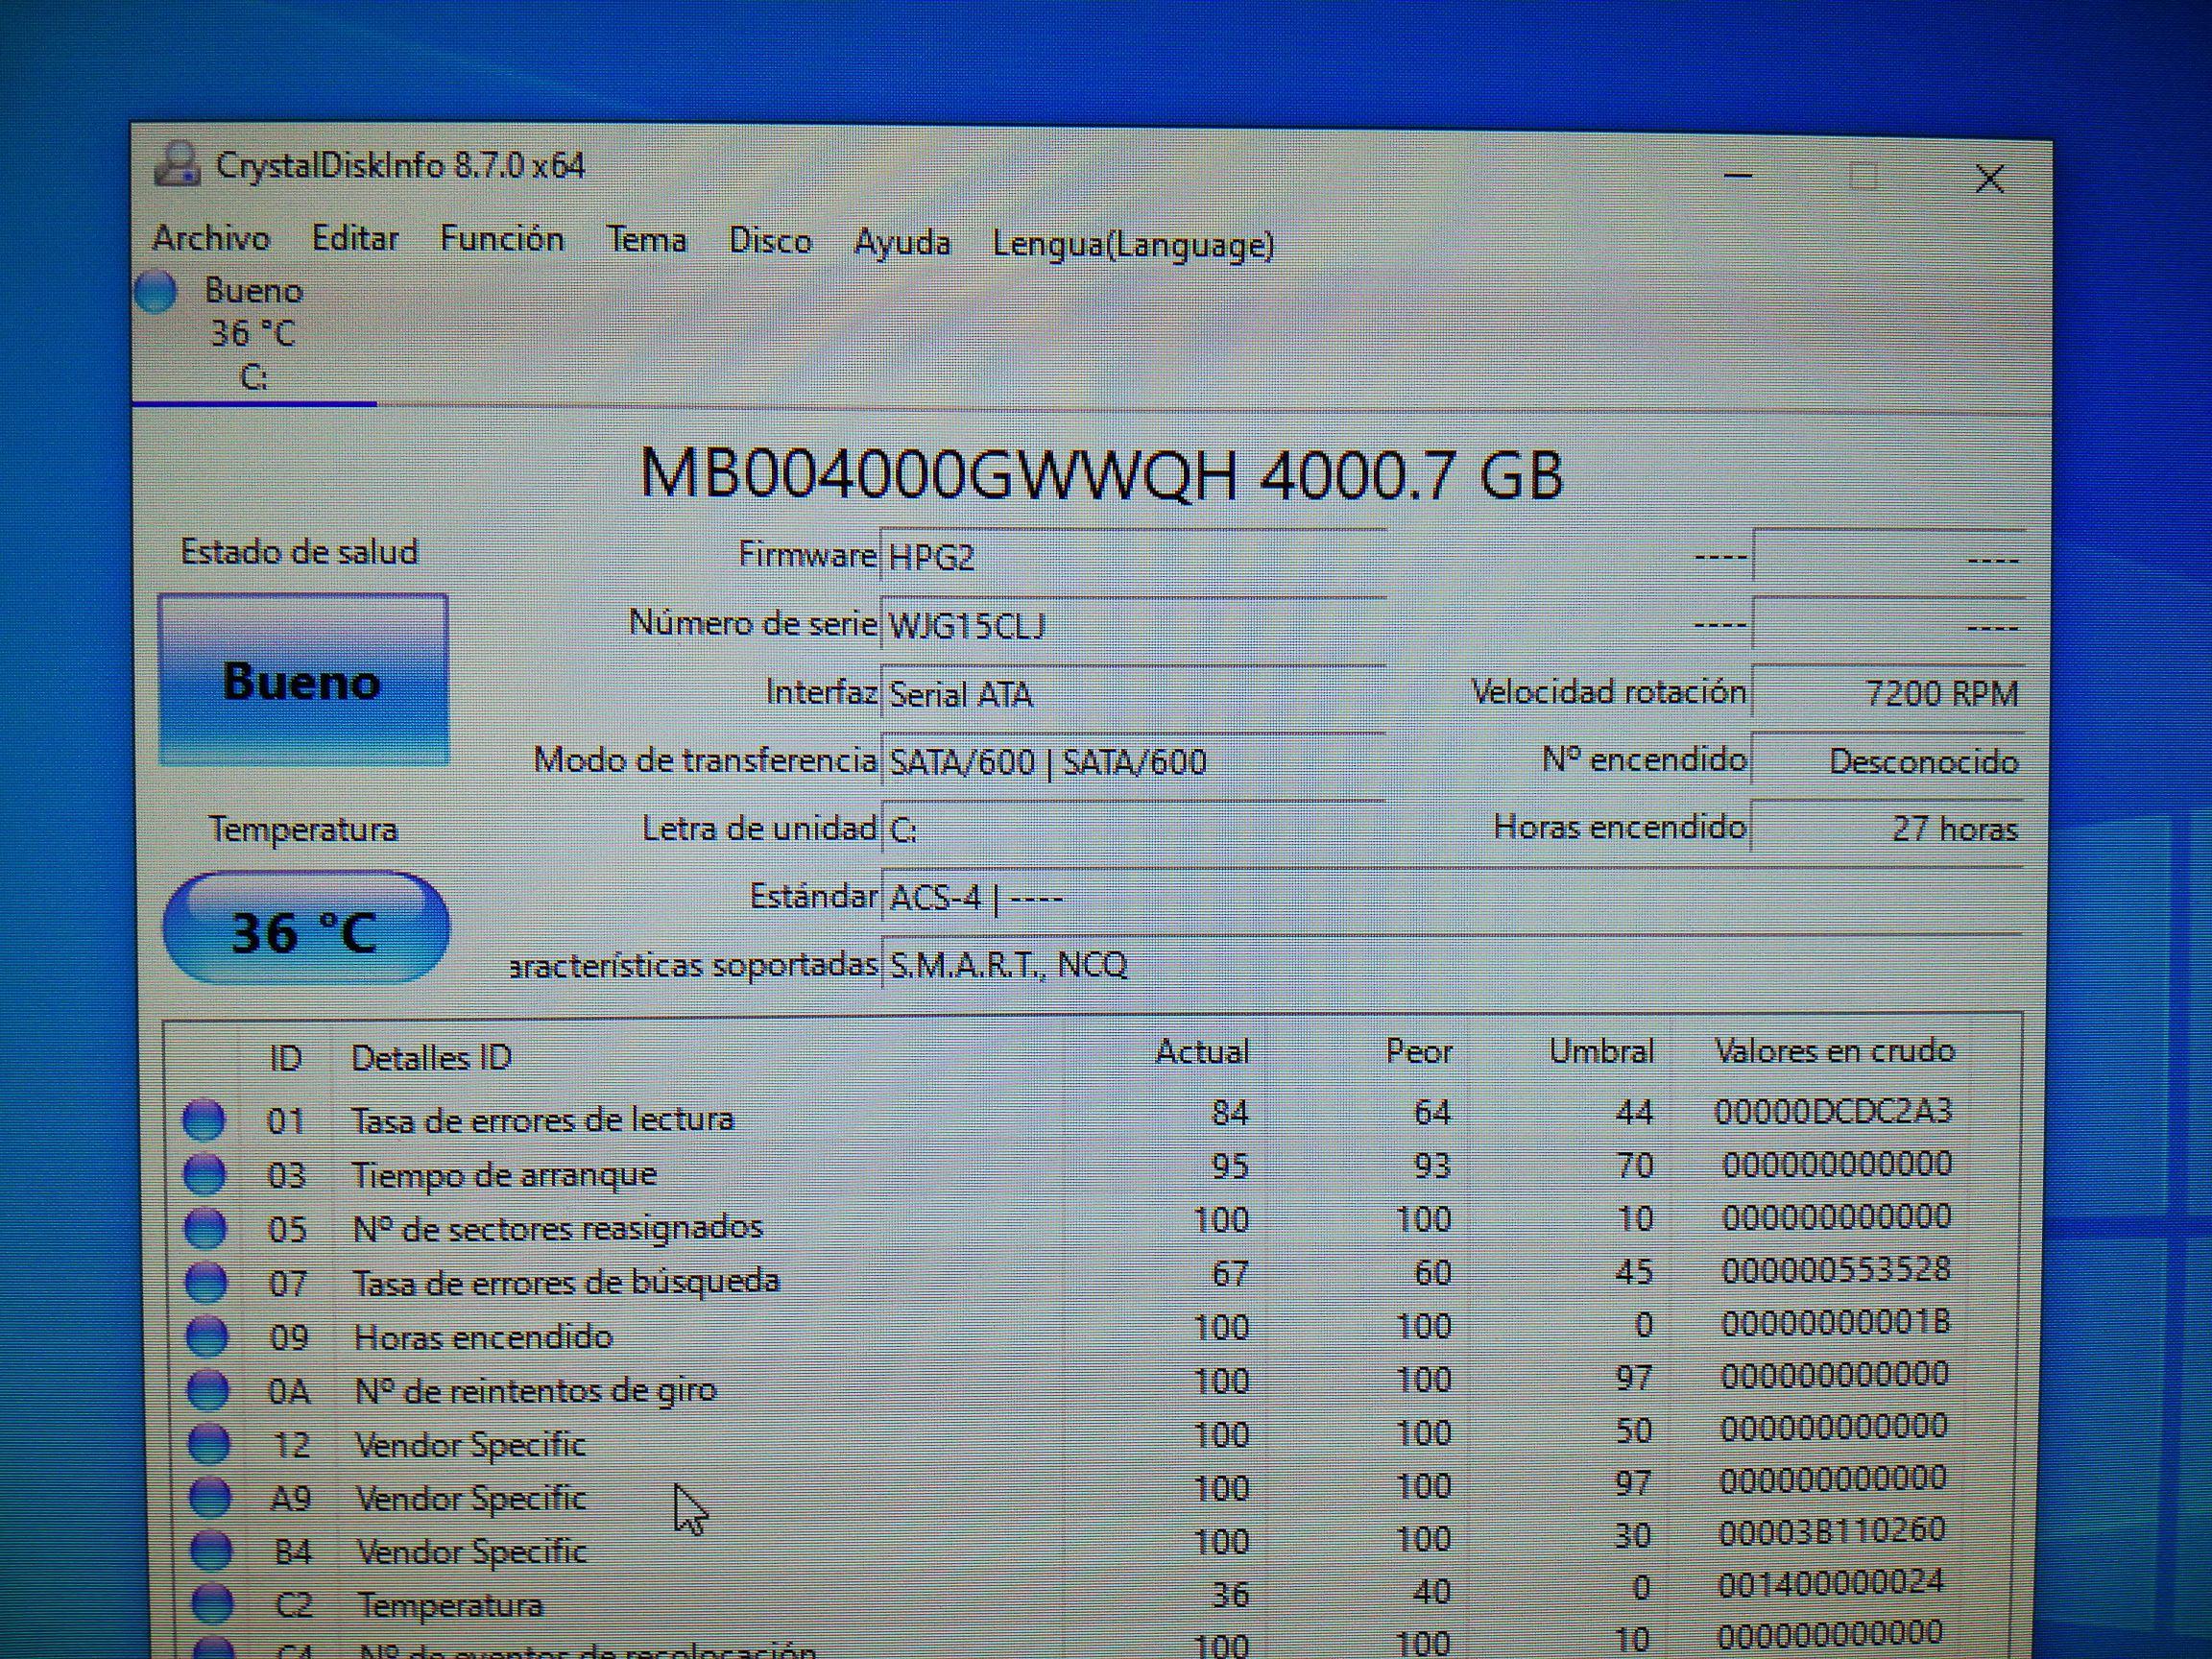 4828109-XSBm4.jpg